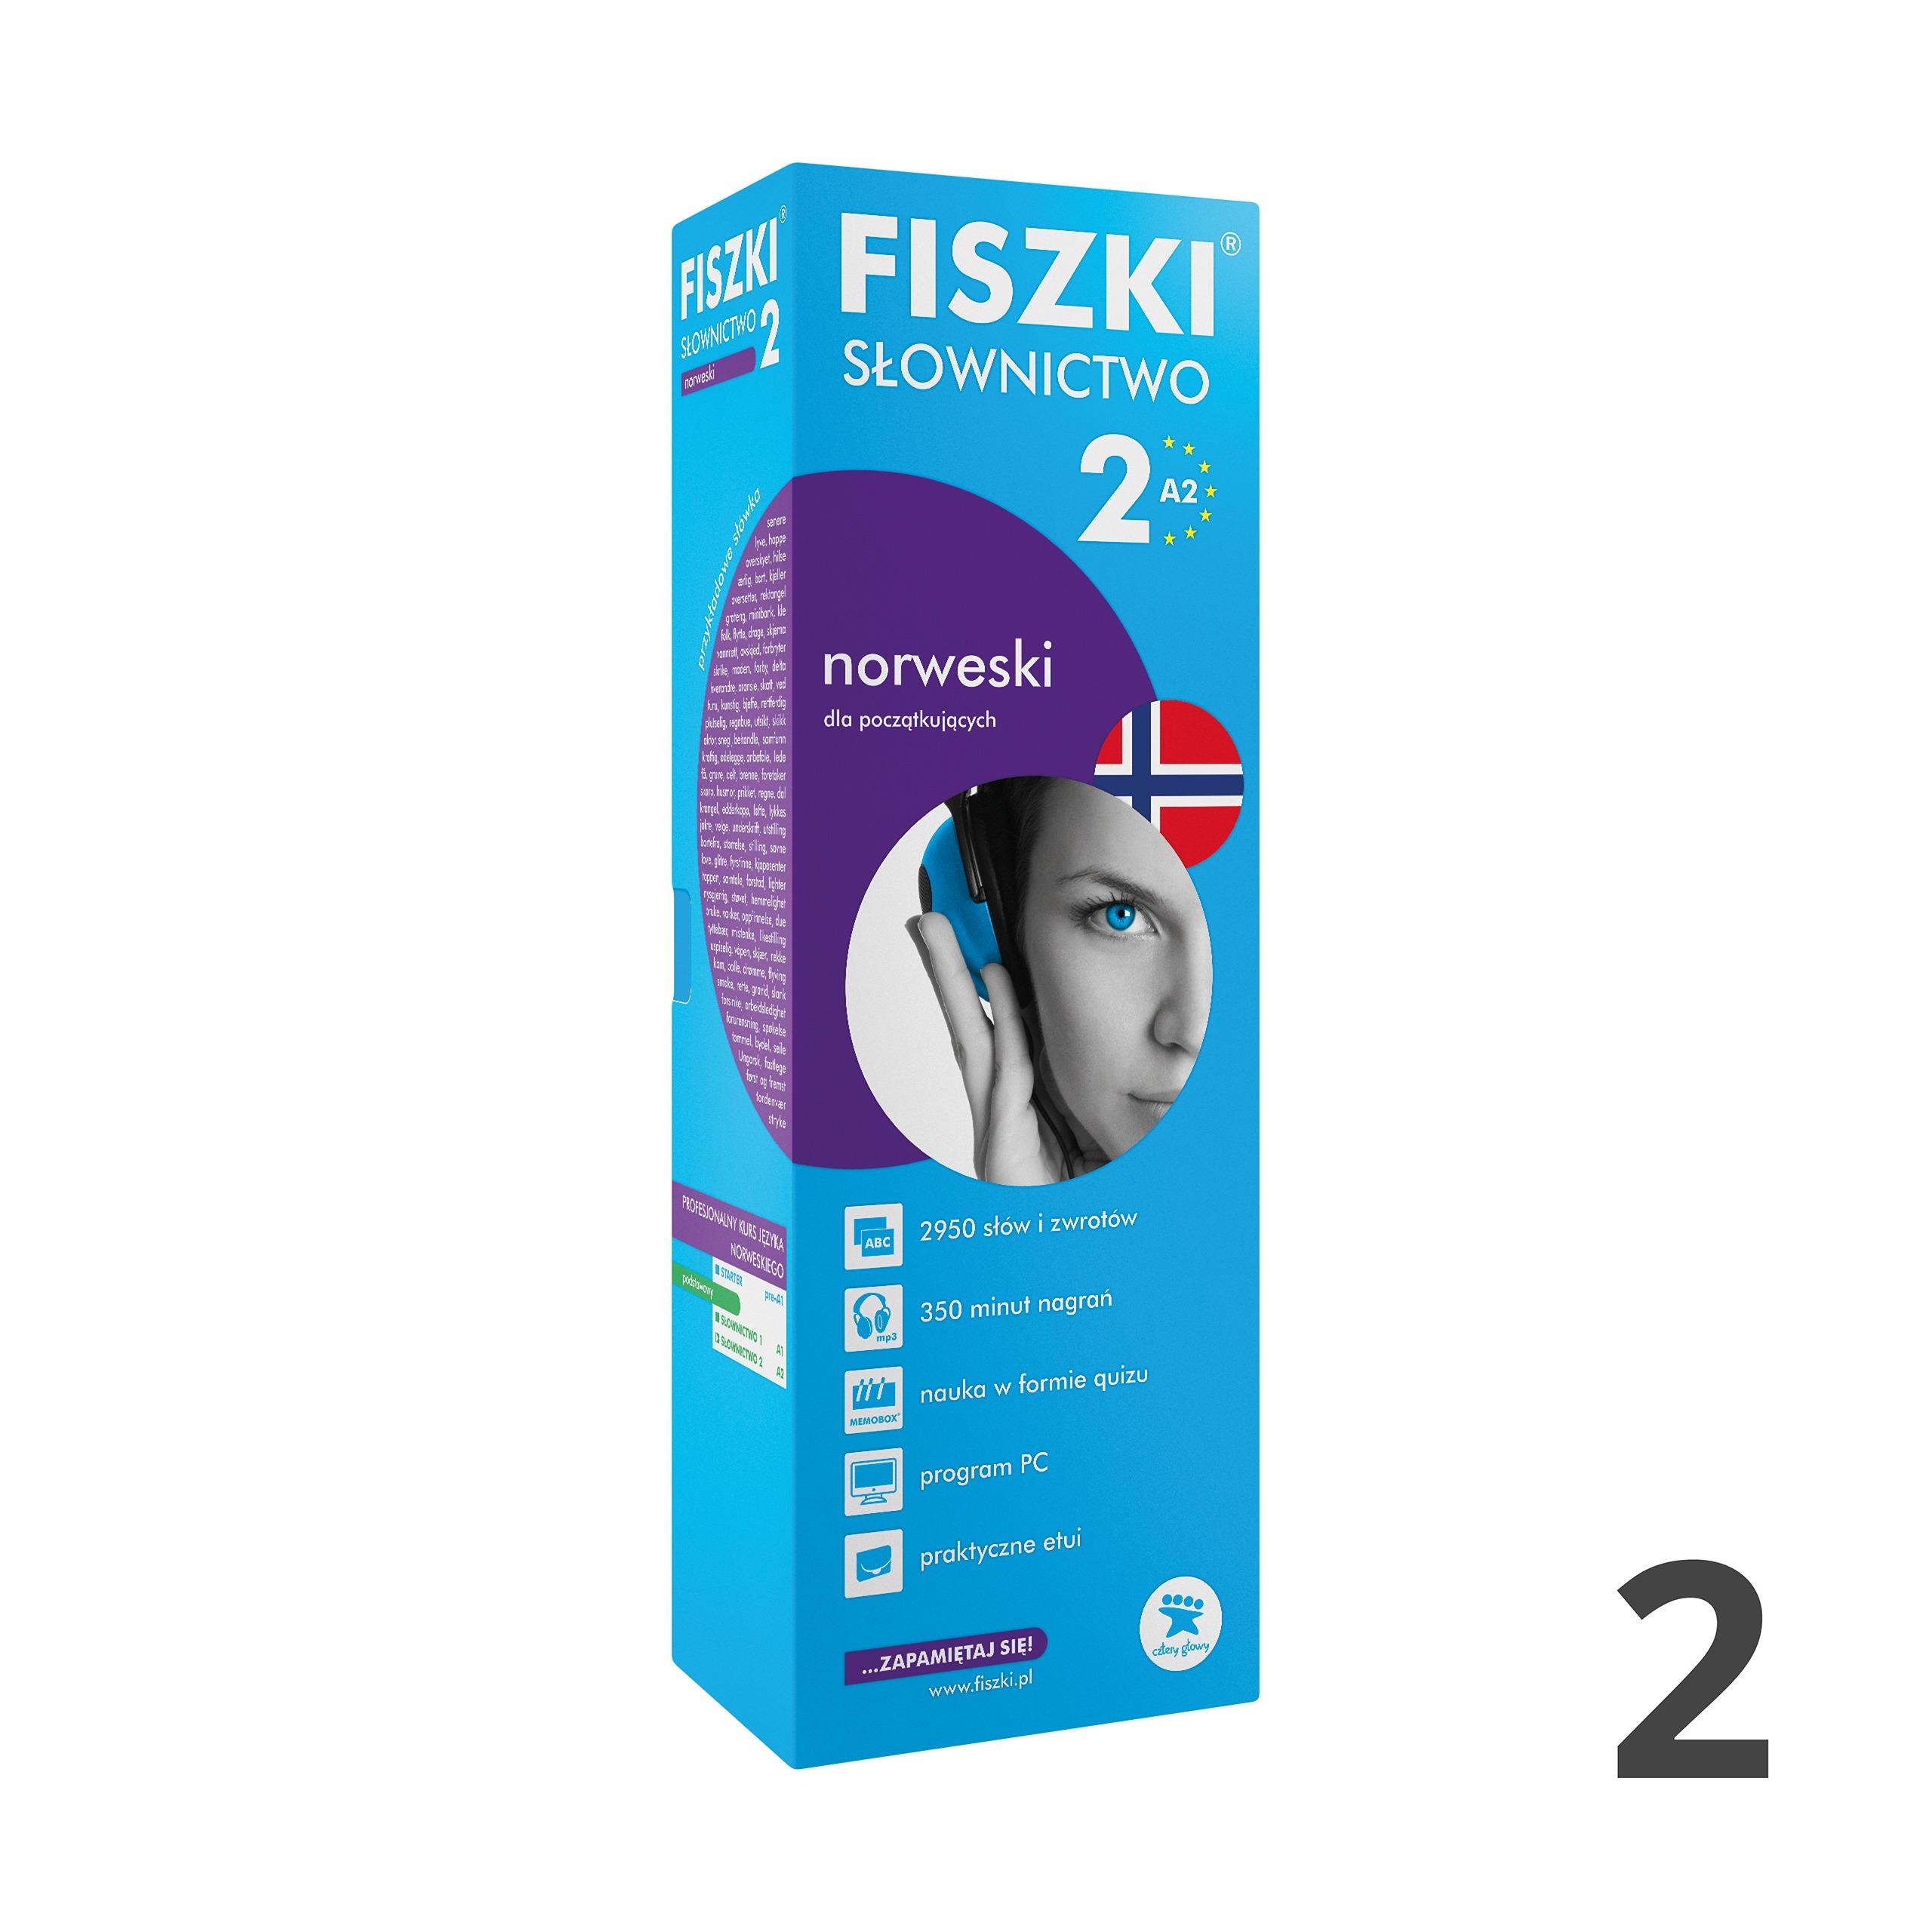 FISZKI - norweski - Słownictwo 2 (A2)